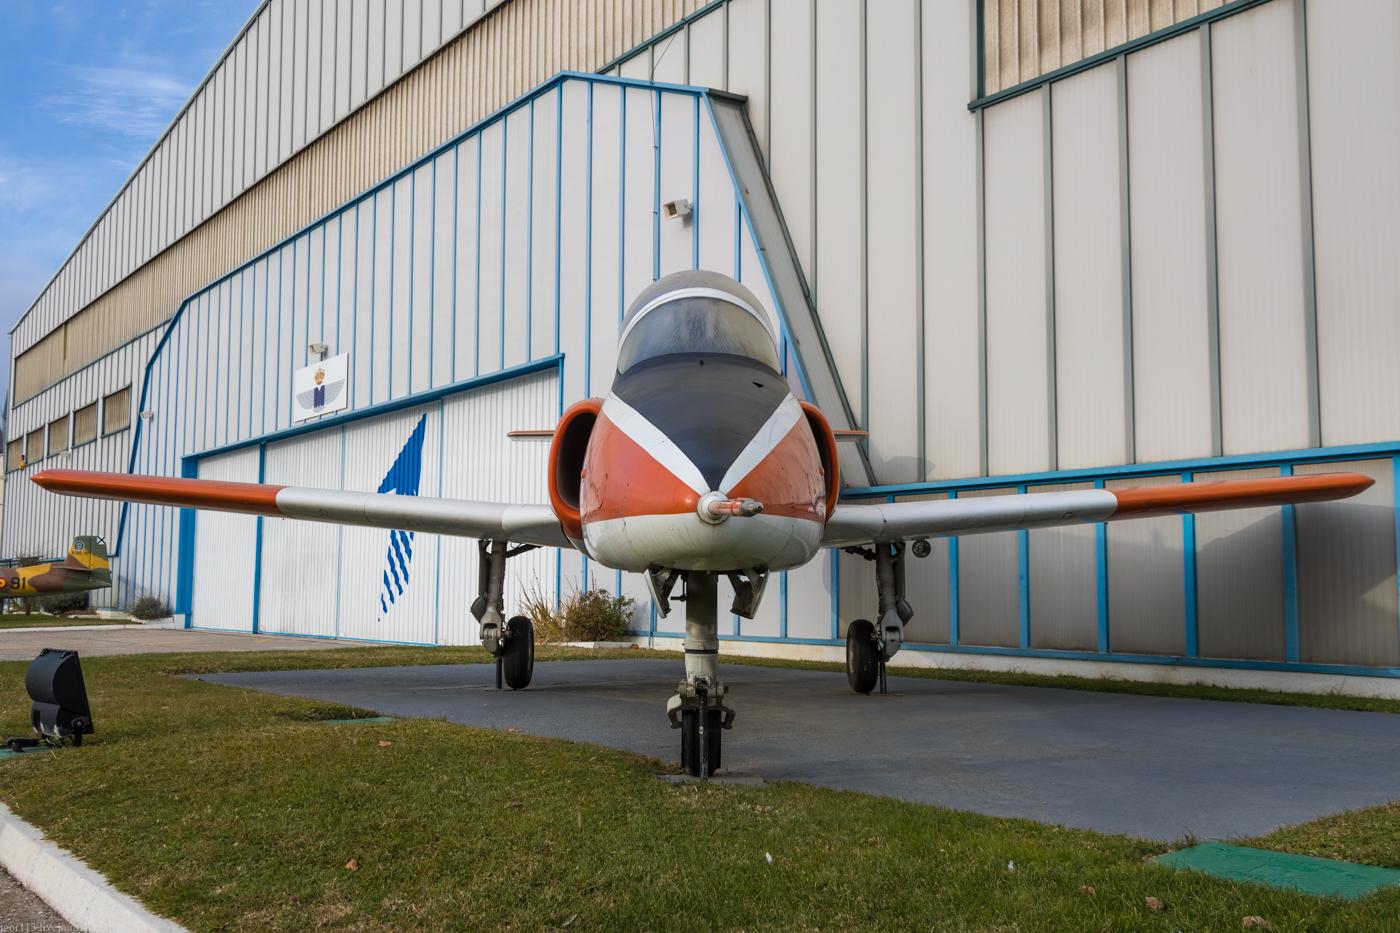 Беспилотные летательные аппараты (БЛА) зарубежных стран ...